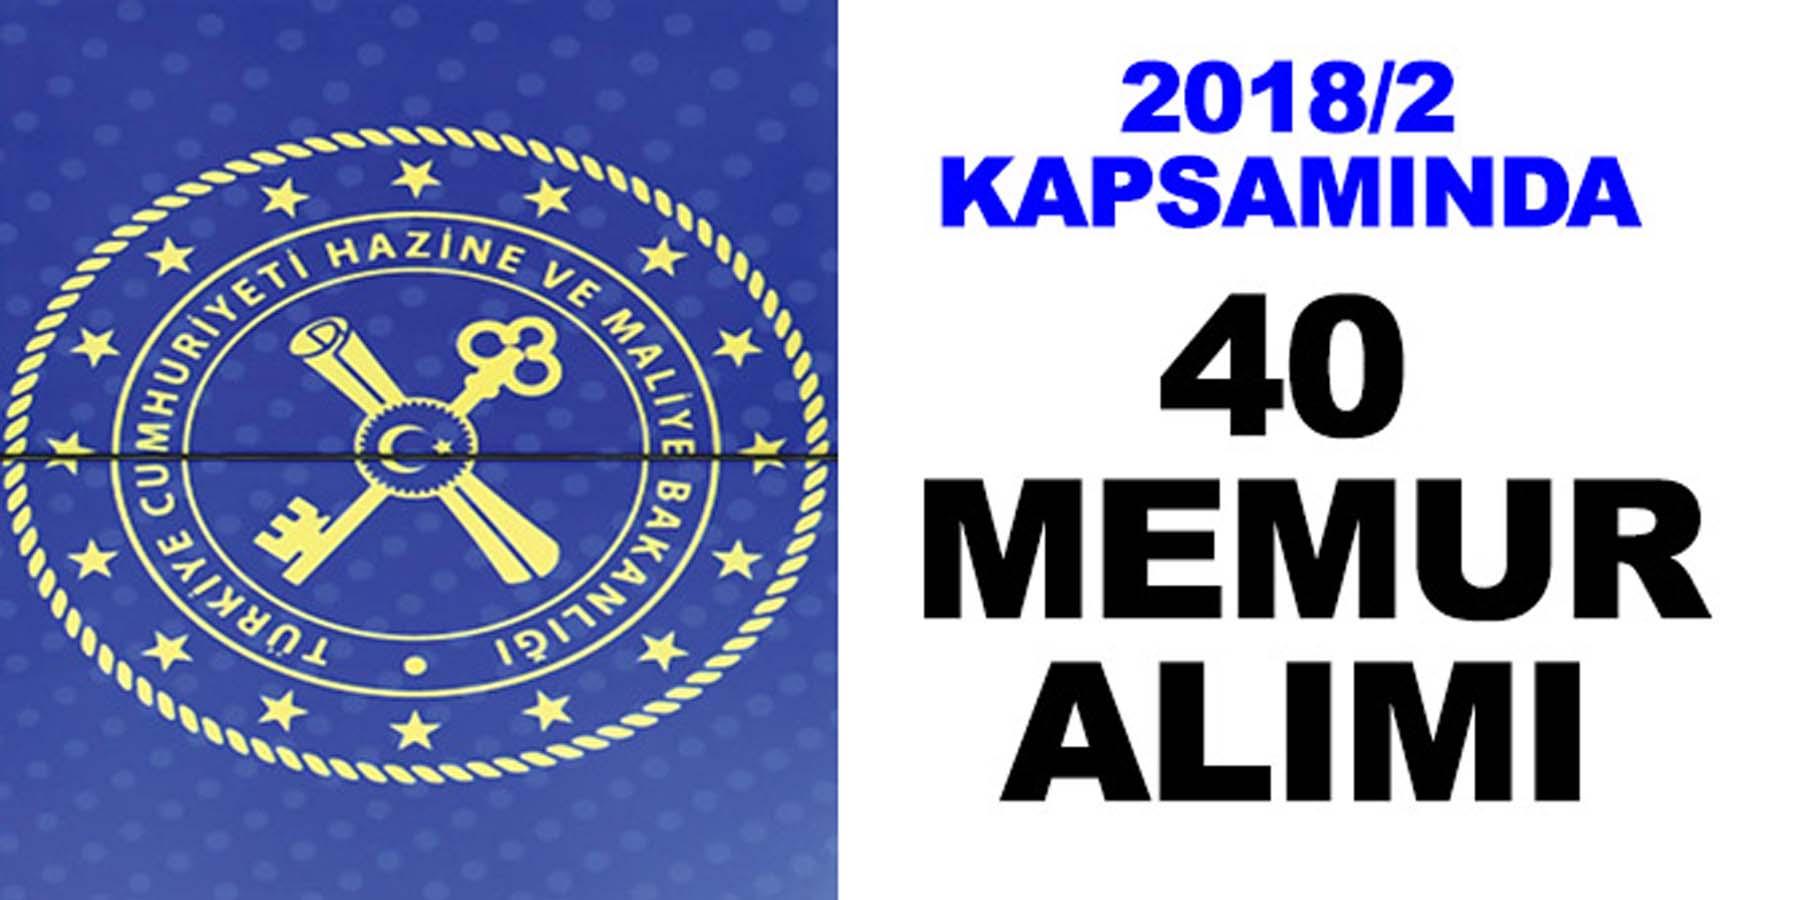 Hazine ve Maliye Bakanlığı 2018/2 Kapsamında 40 Memur Alımı